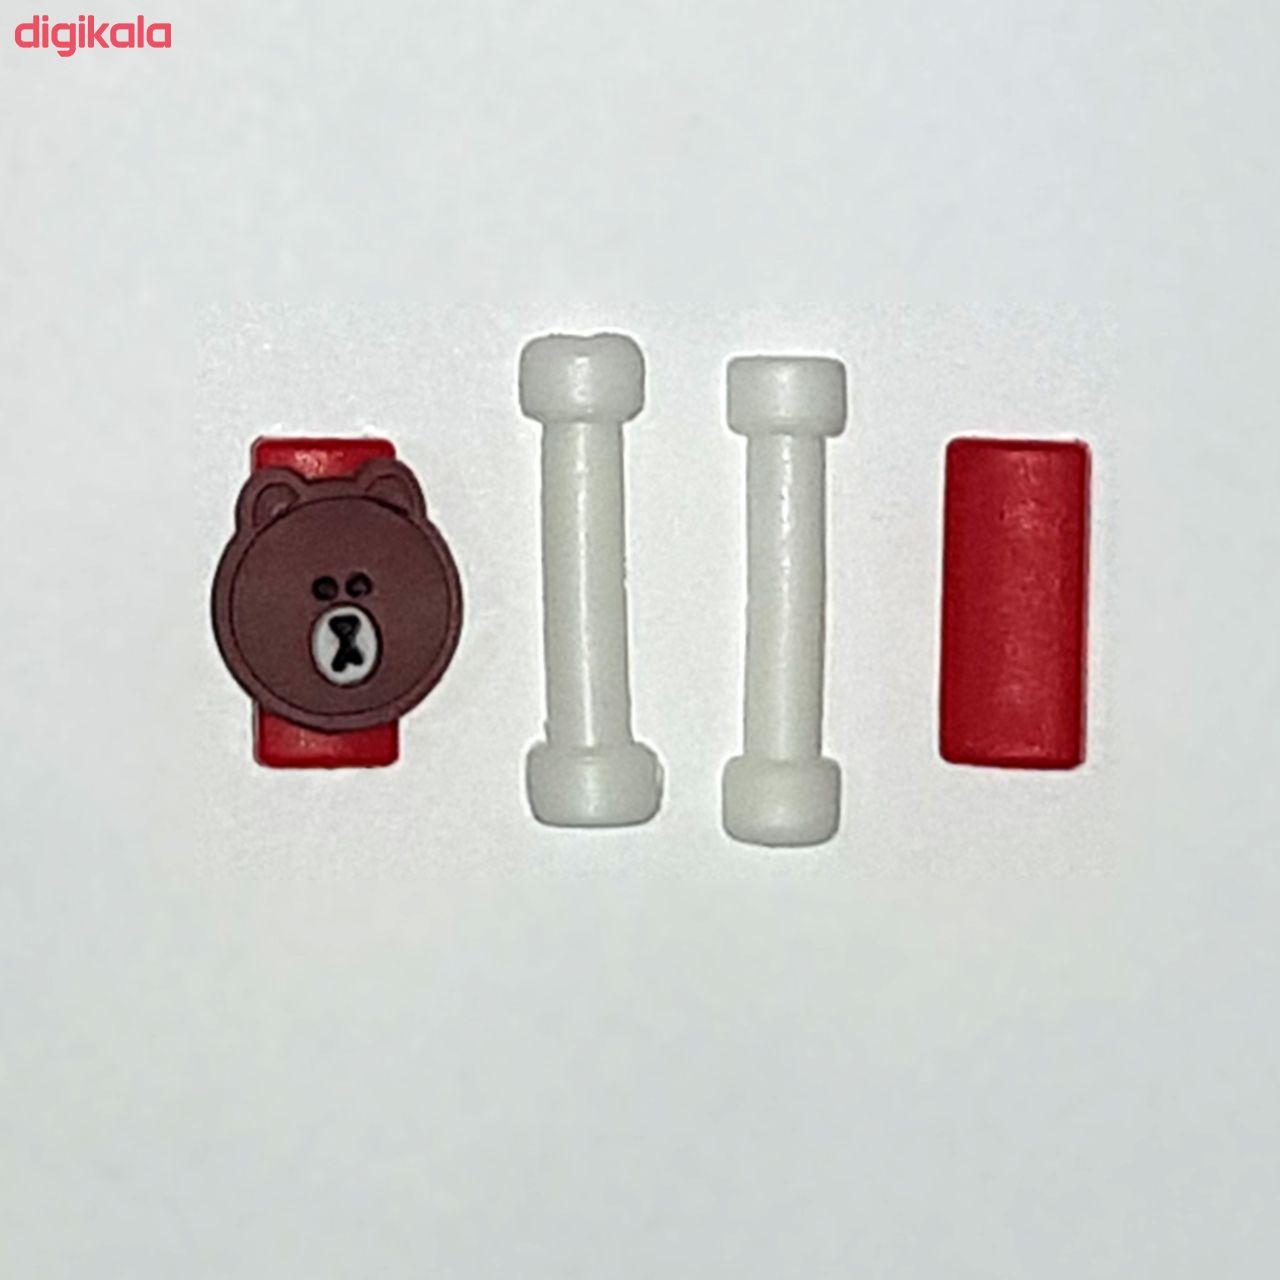 محافظ کابل مدل Brown bearN01 main 1 1